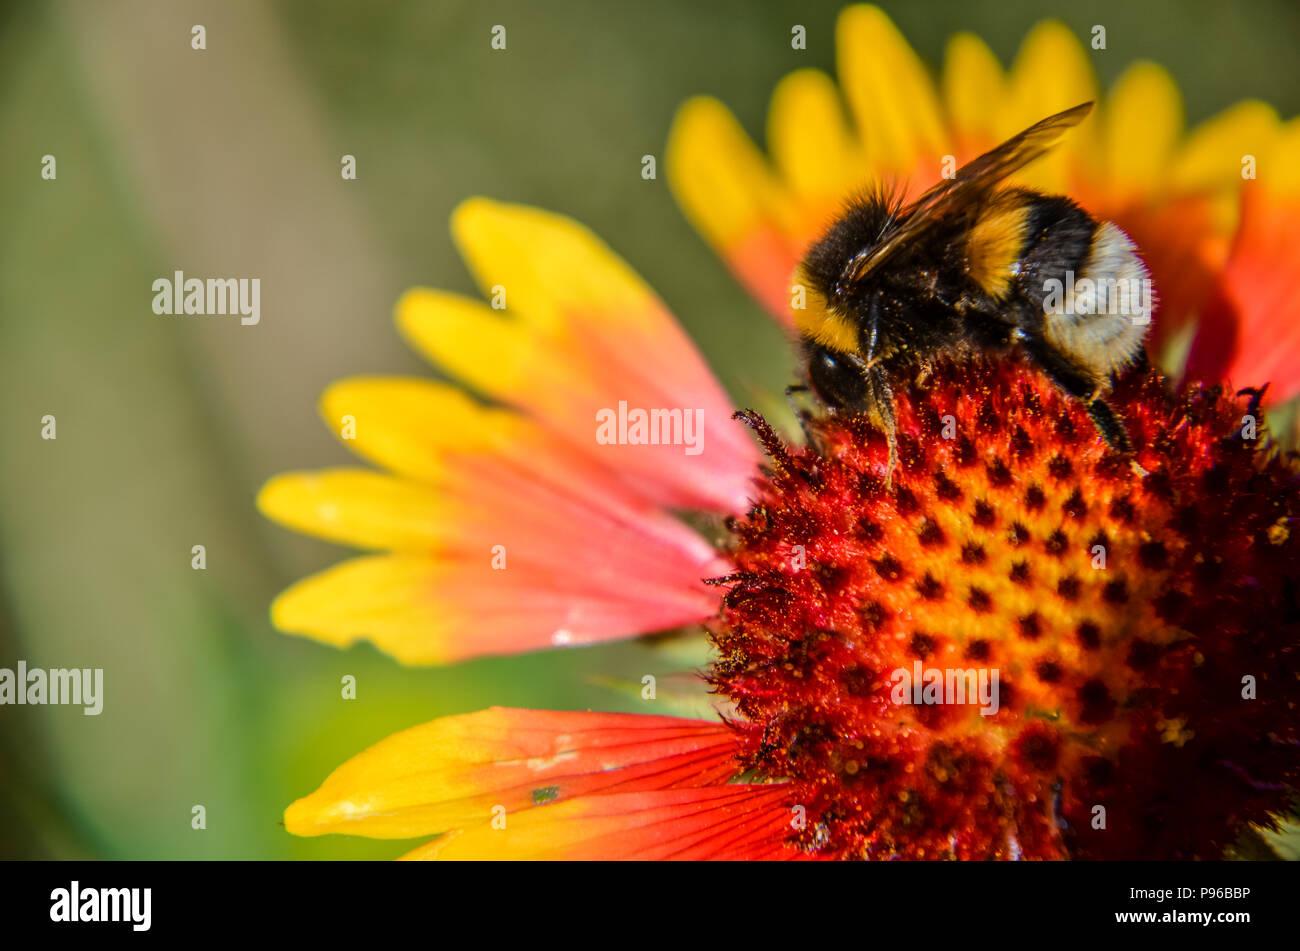 Abeja en la cabeza de la flor amarilla y naranja de rudbeckia black-eyed Susan Imagen De Stock